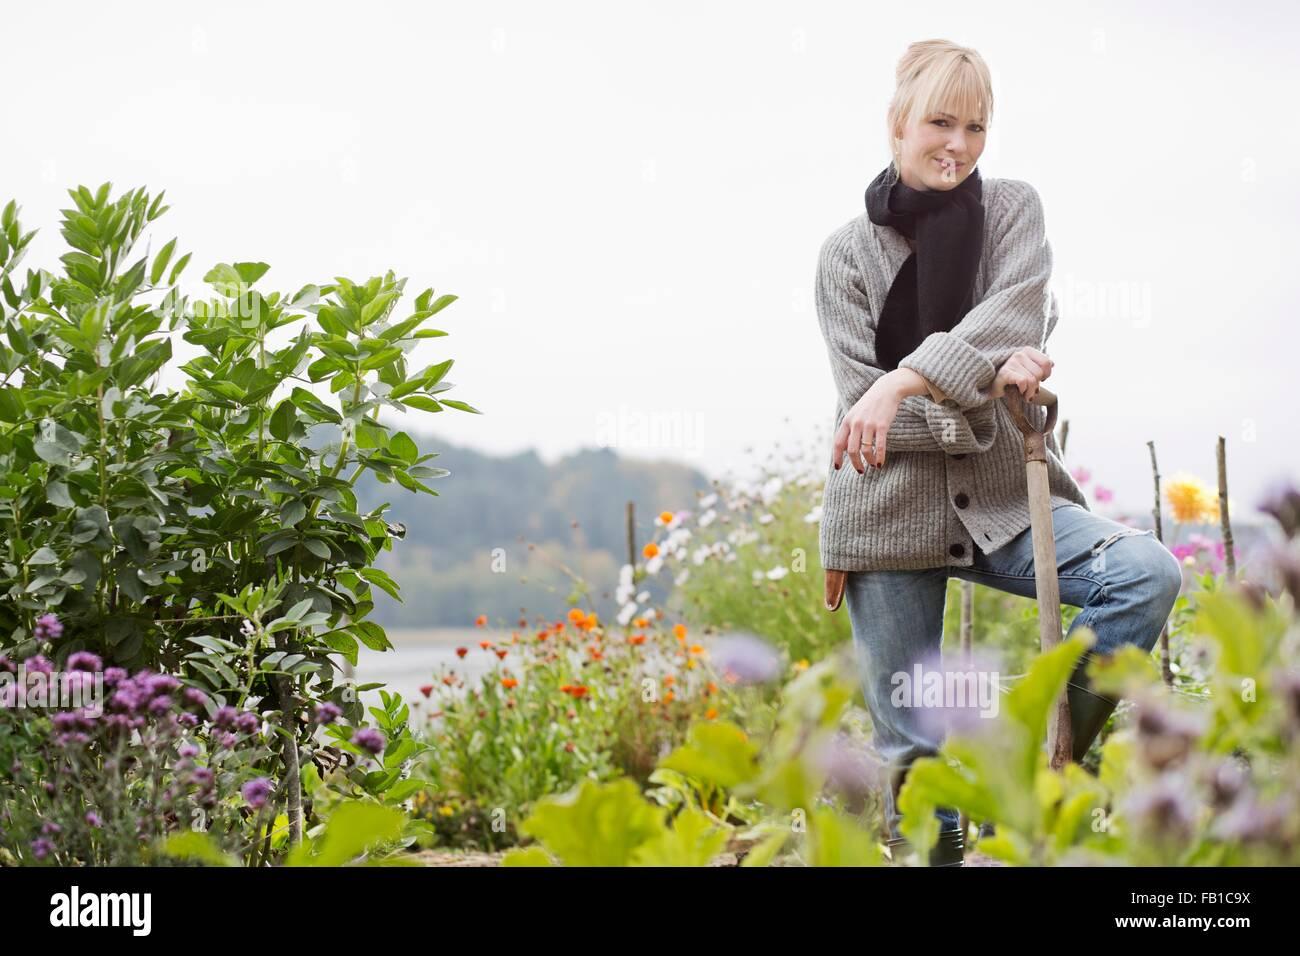 Porträt von Mitte Erwachsene Frau Graben im Bio-Garten Stockfoto